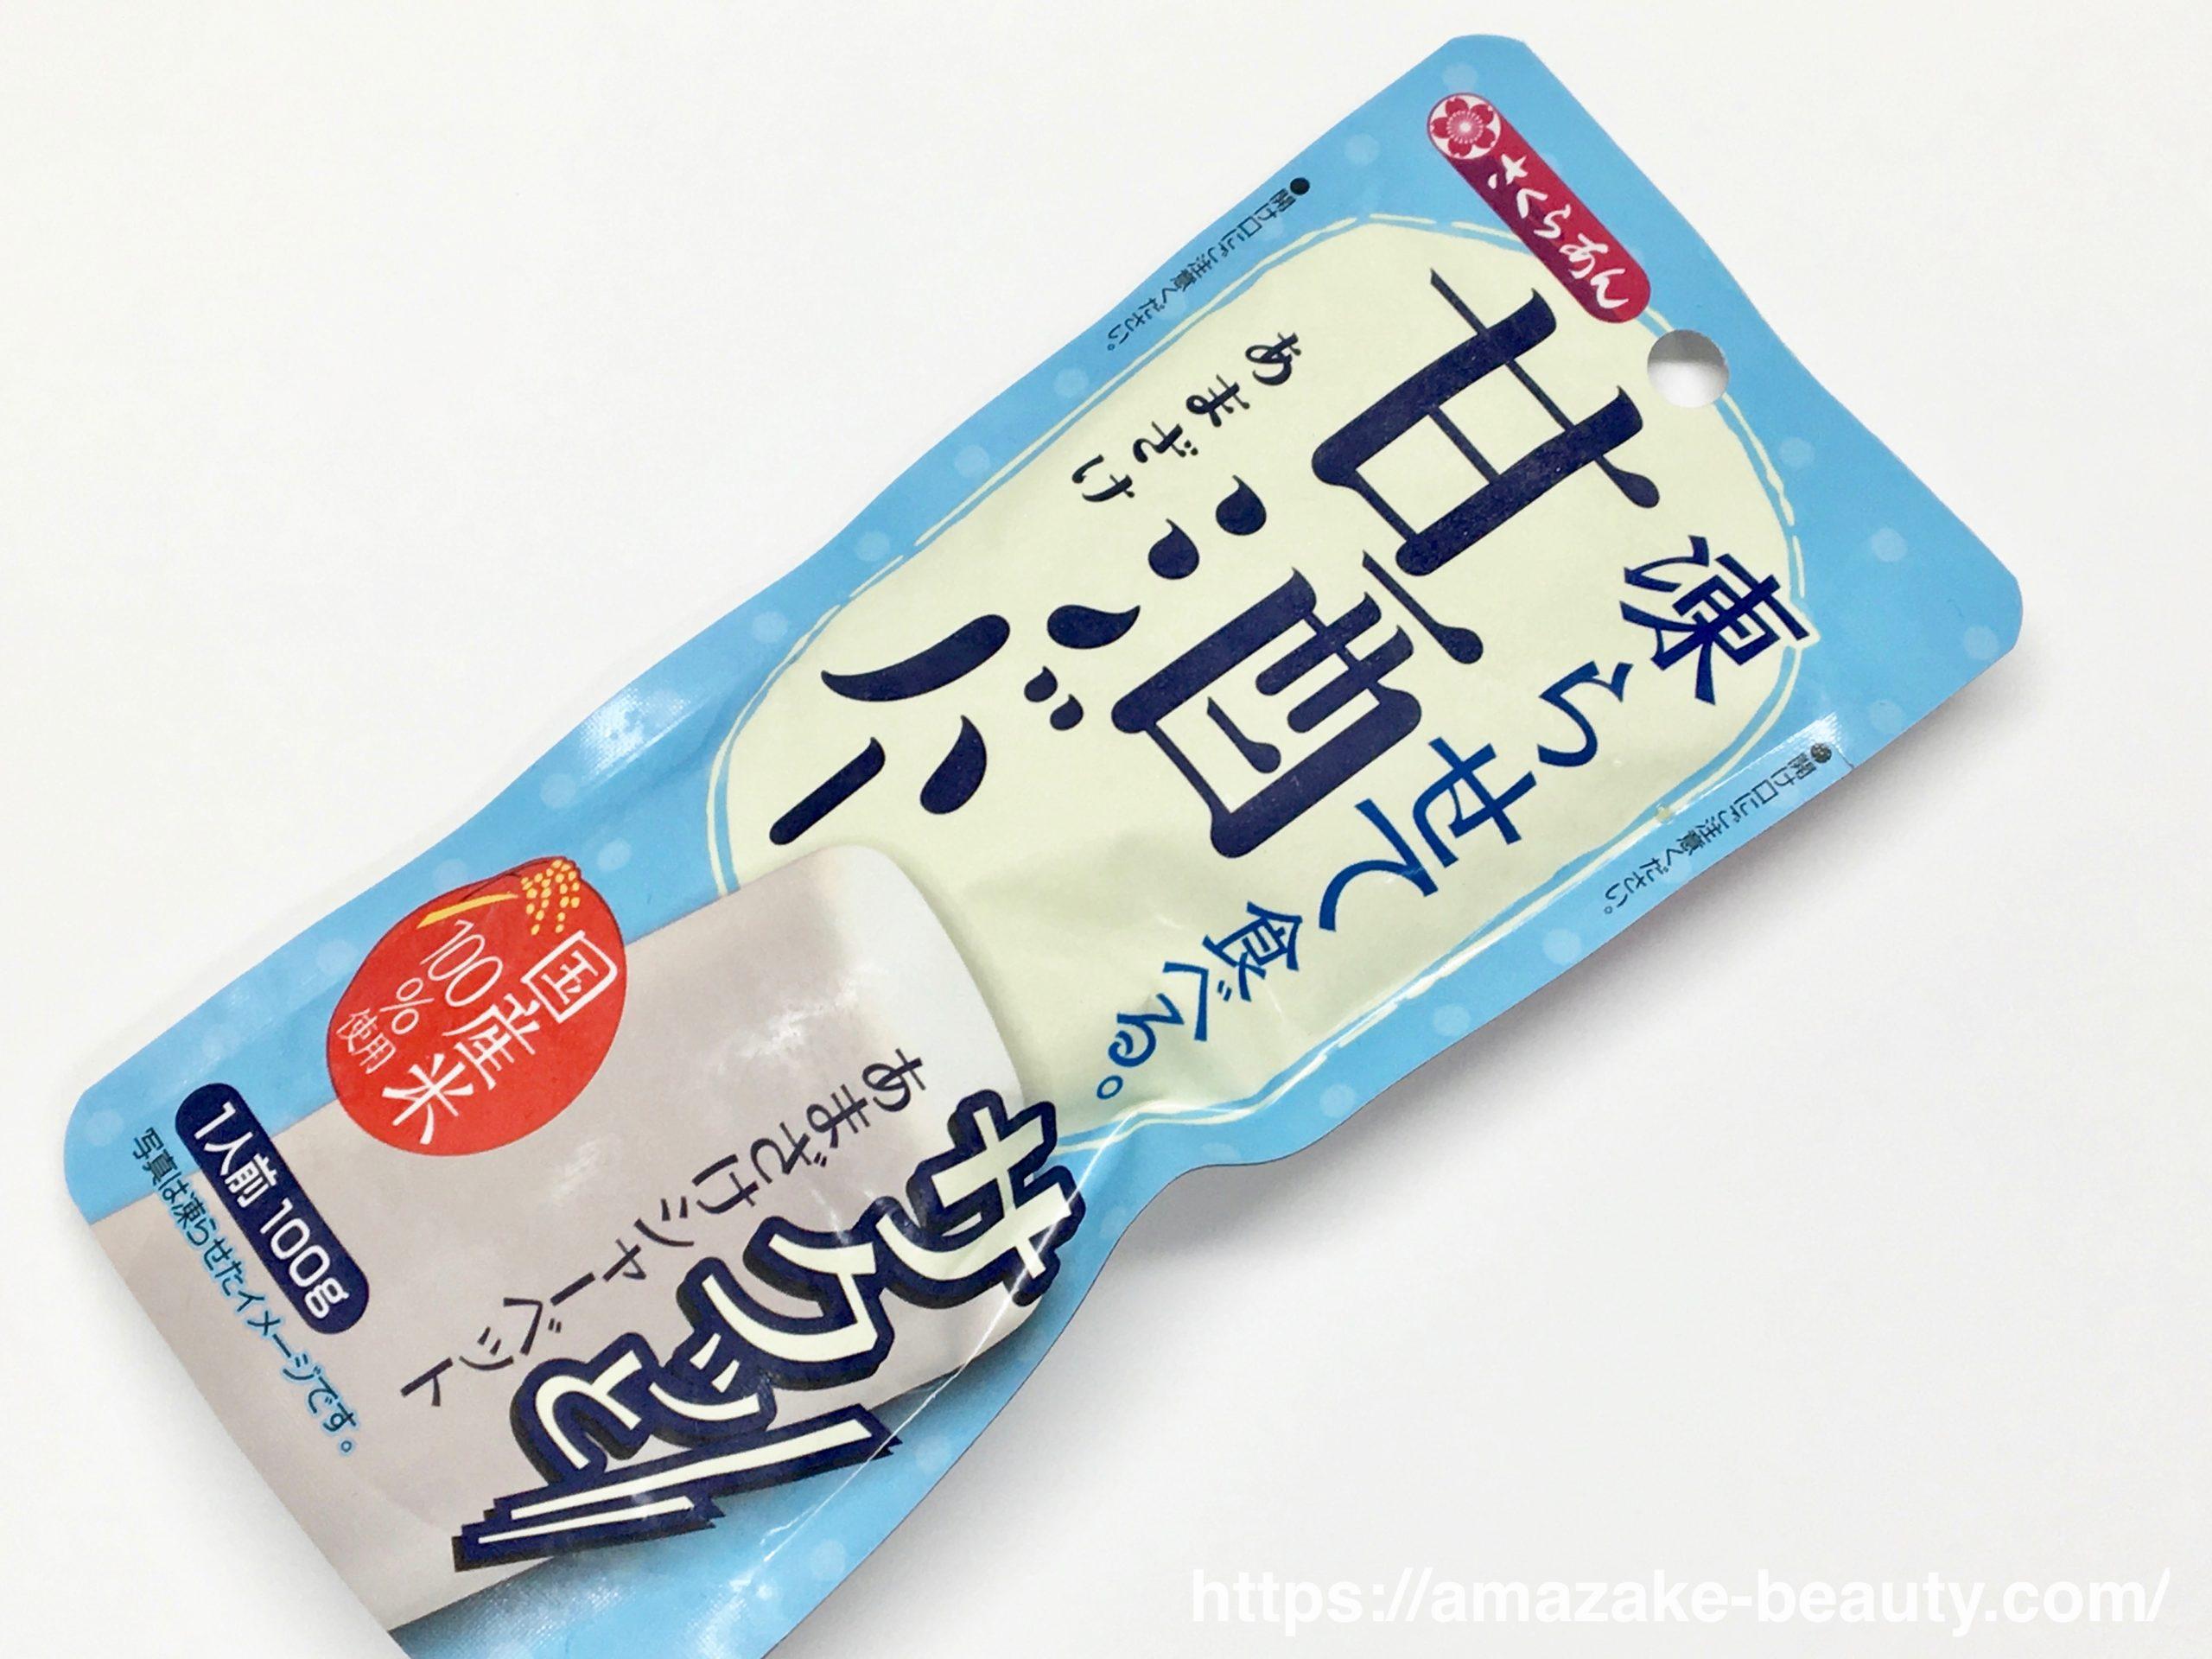 【甘酒甘味】谷尾食糧工業 『凍らせて食べる甘酒バー』